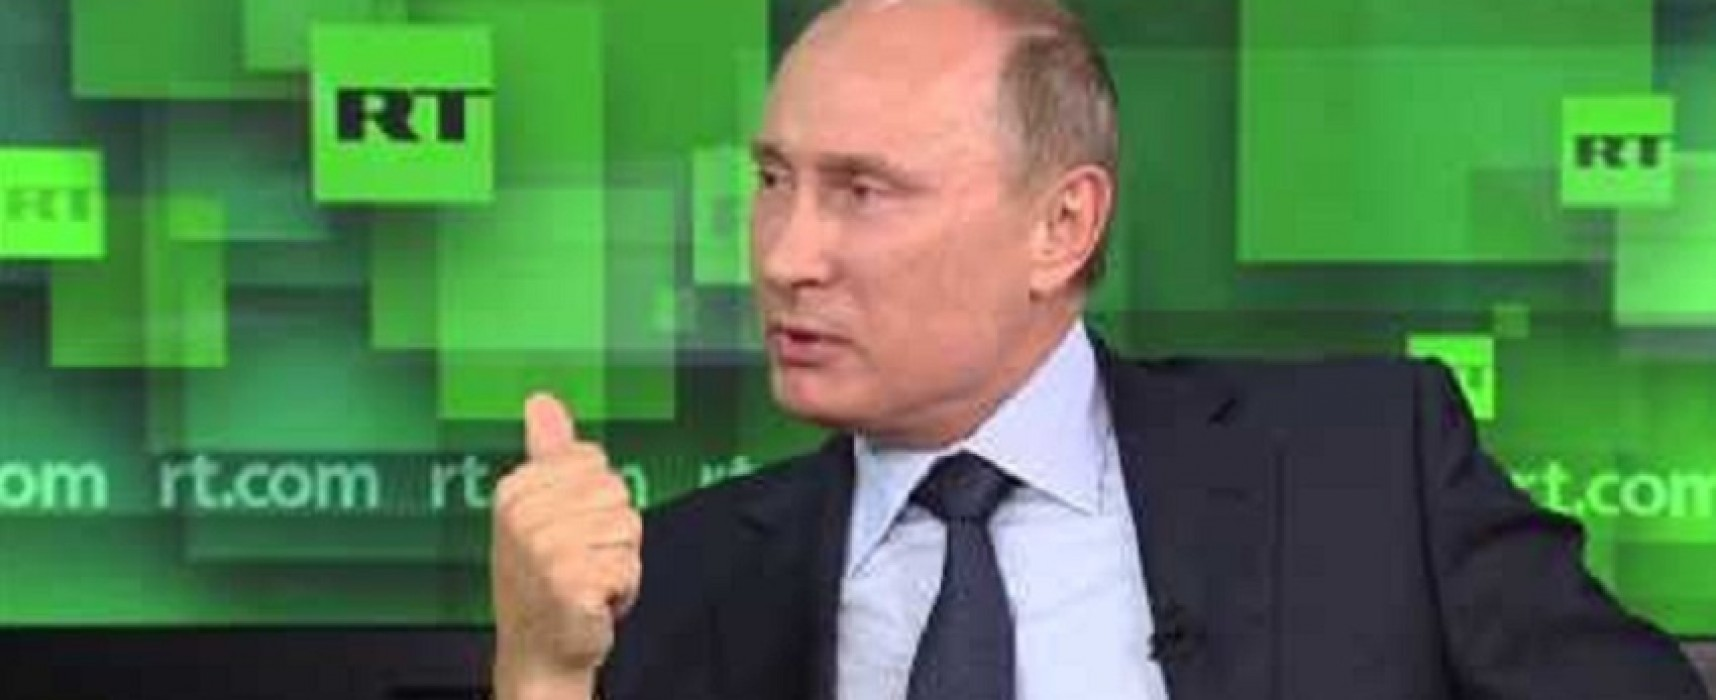 Putin propaganda picks up ex-Pentagon contractors